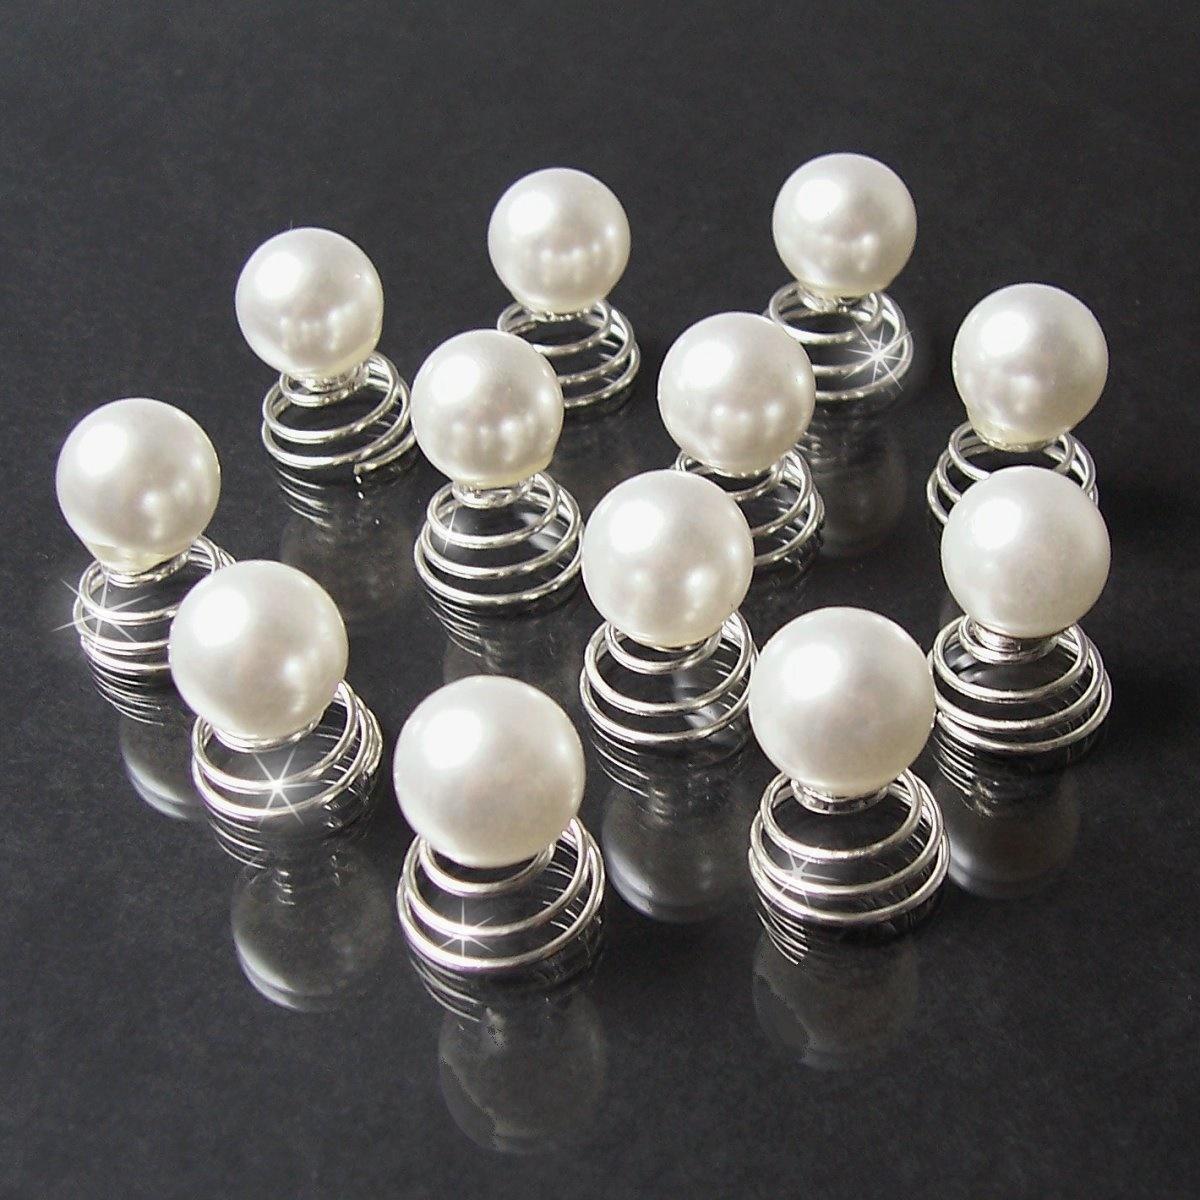 H2642# Curlies Perle weiss 12mm 12 stk Haarschmuck neu